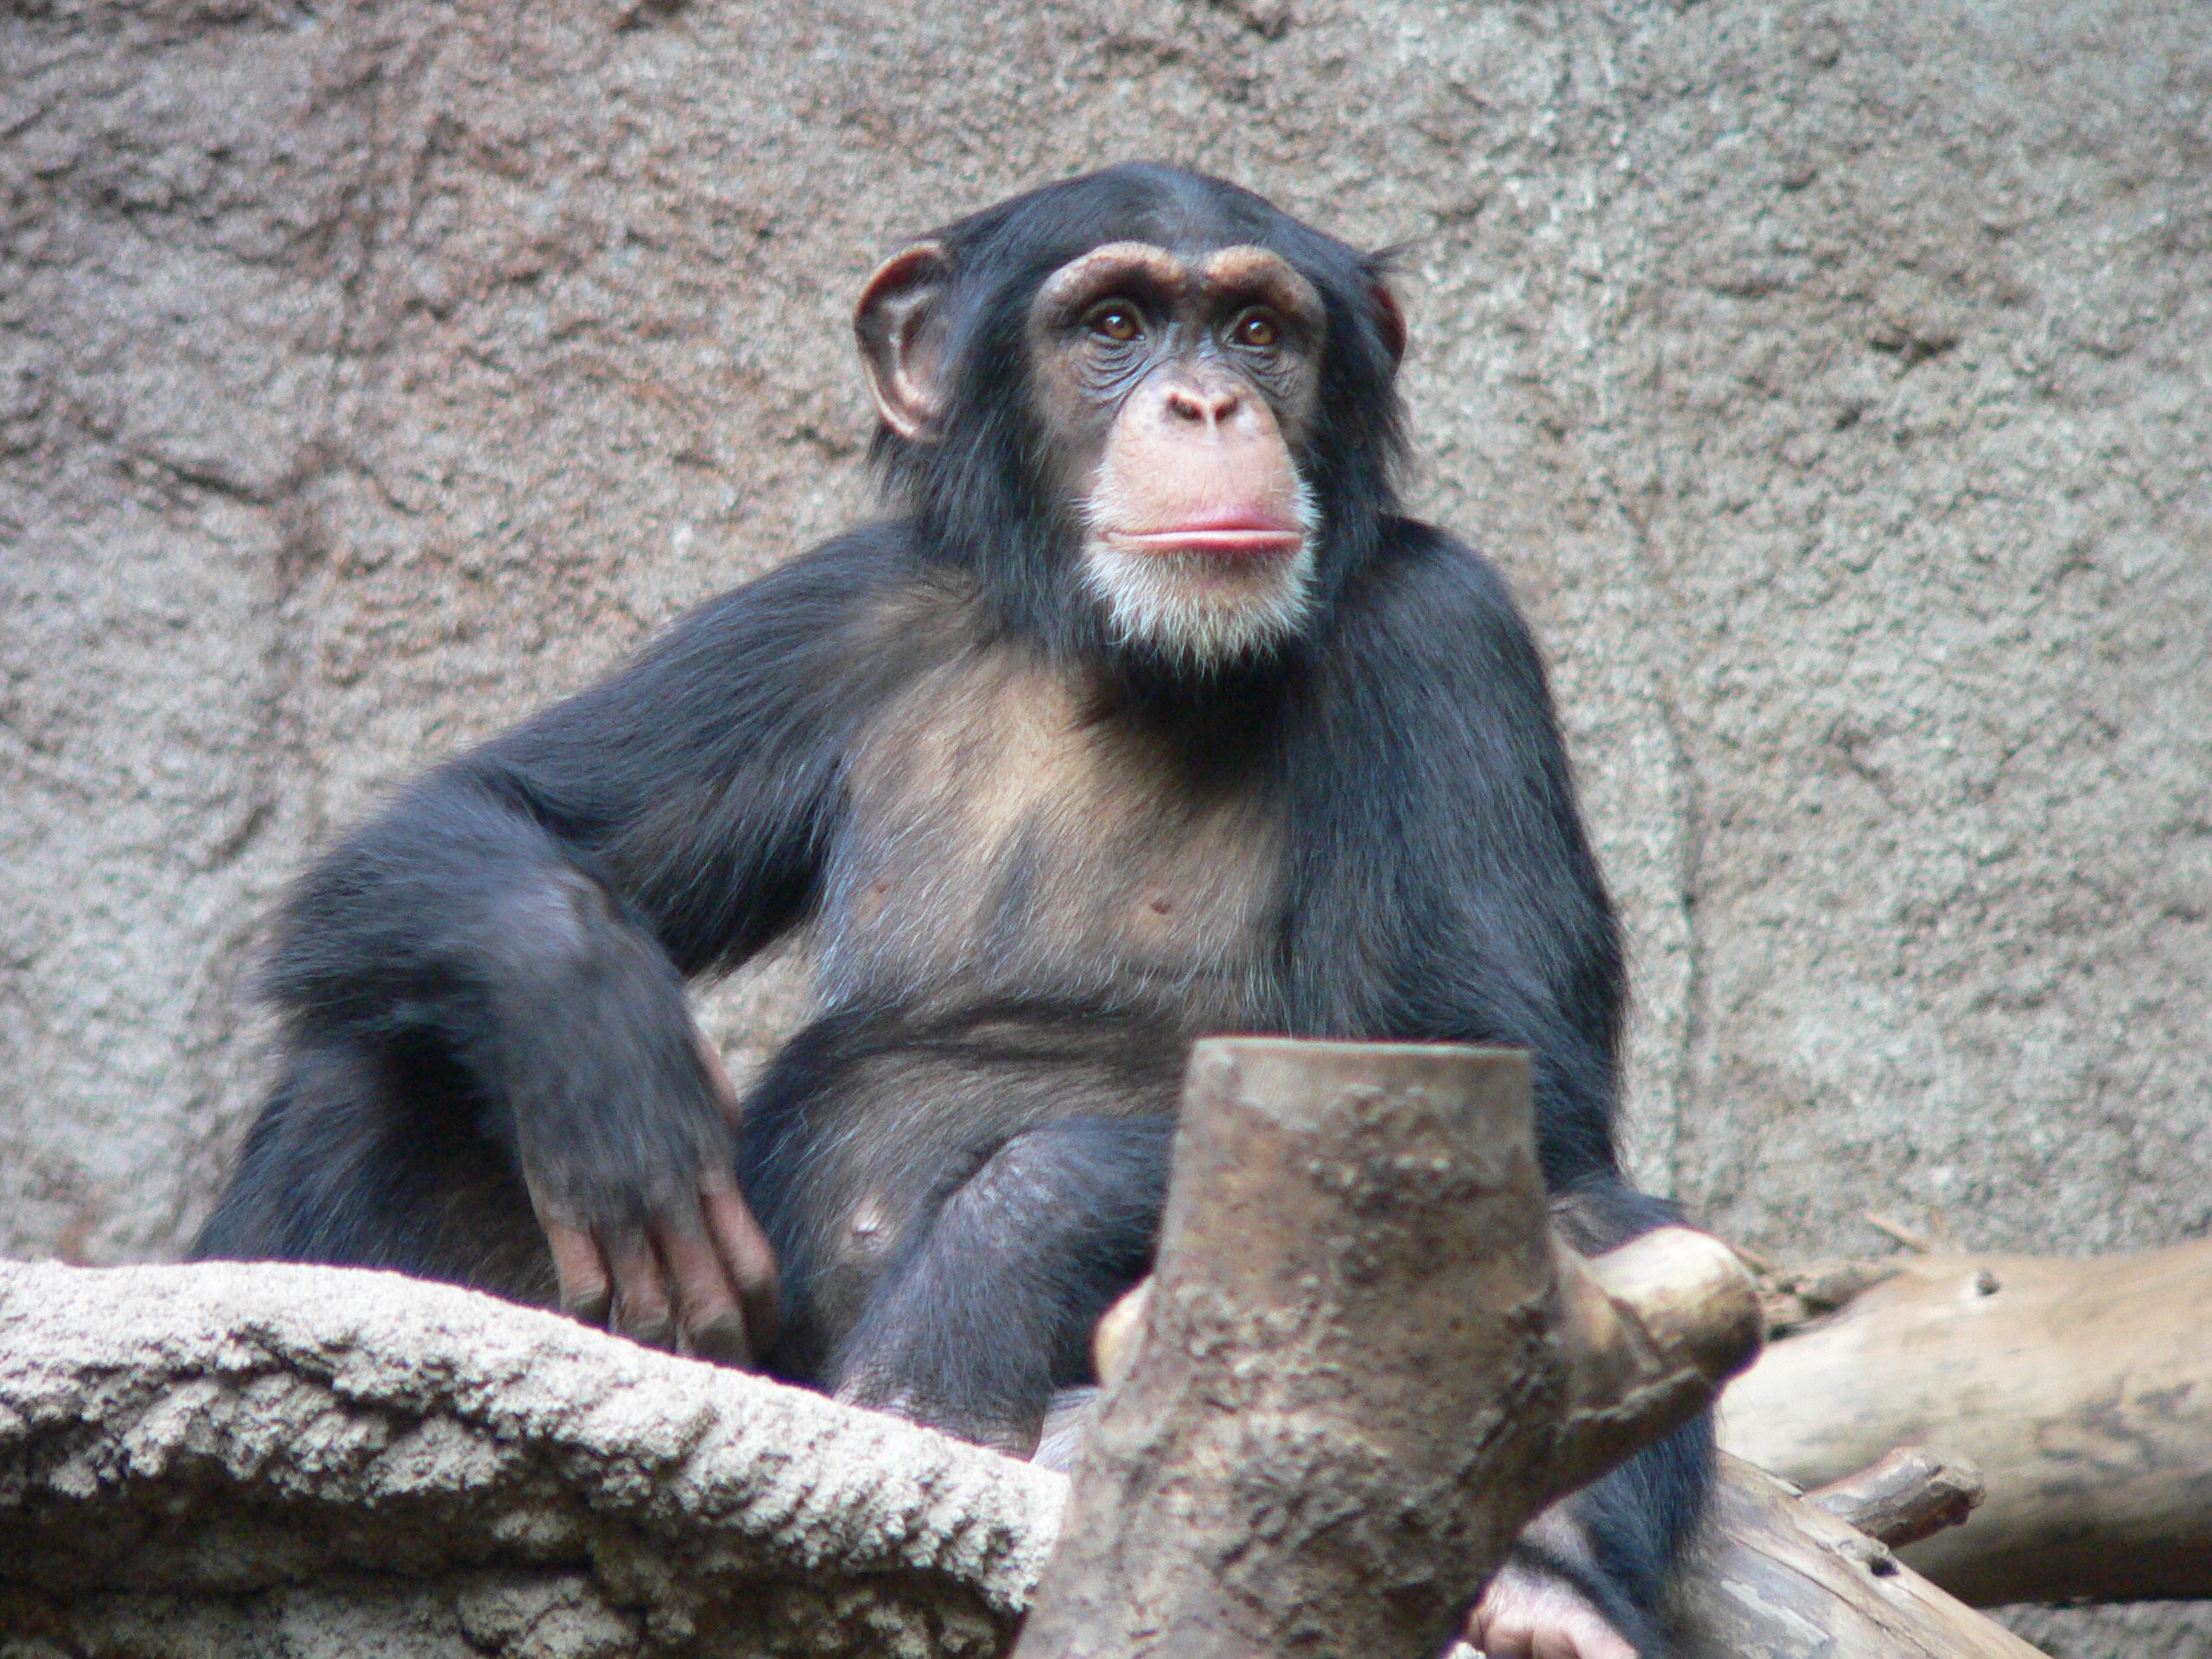 Шимпанзе могут юридически стать личностями